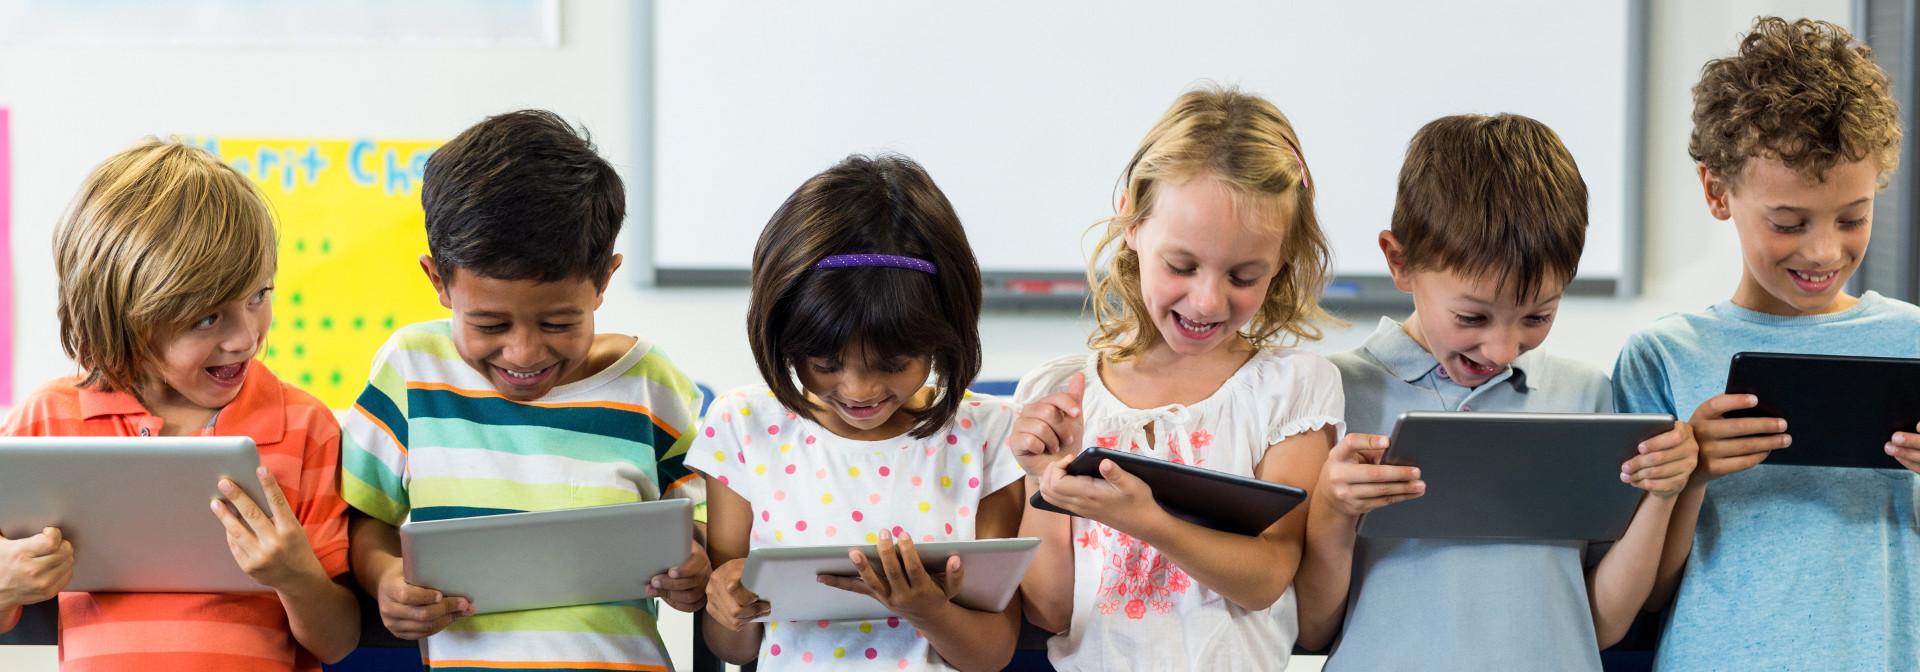 Kinder lernen am Tablet